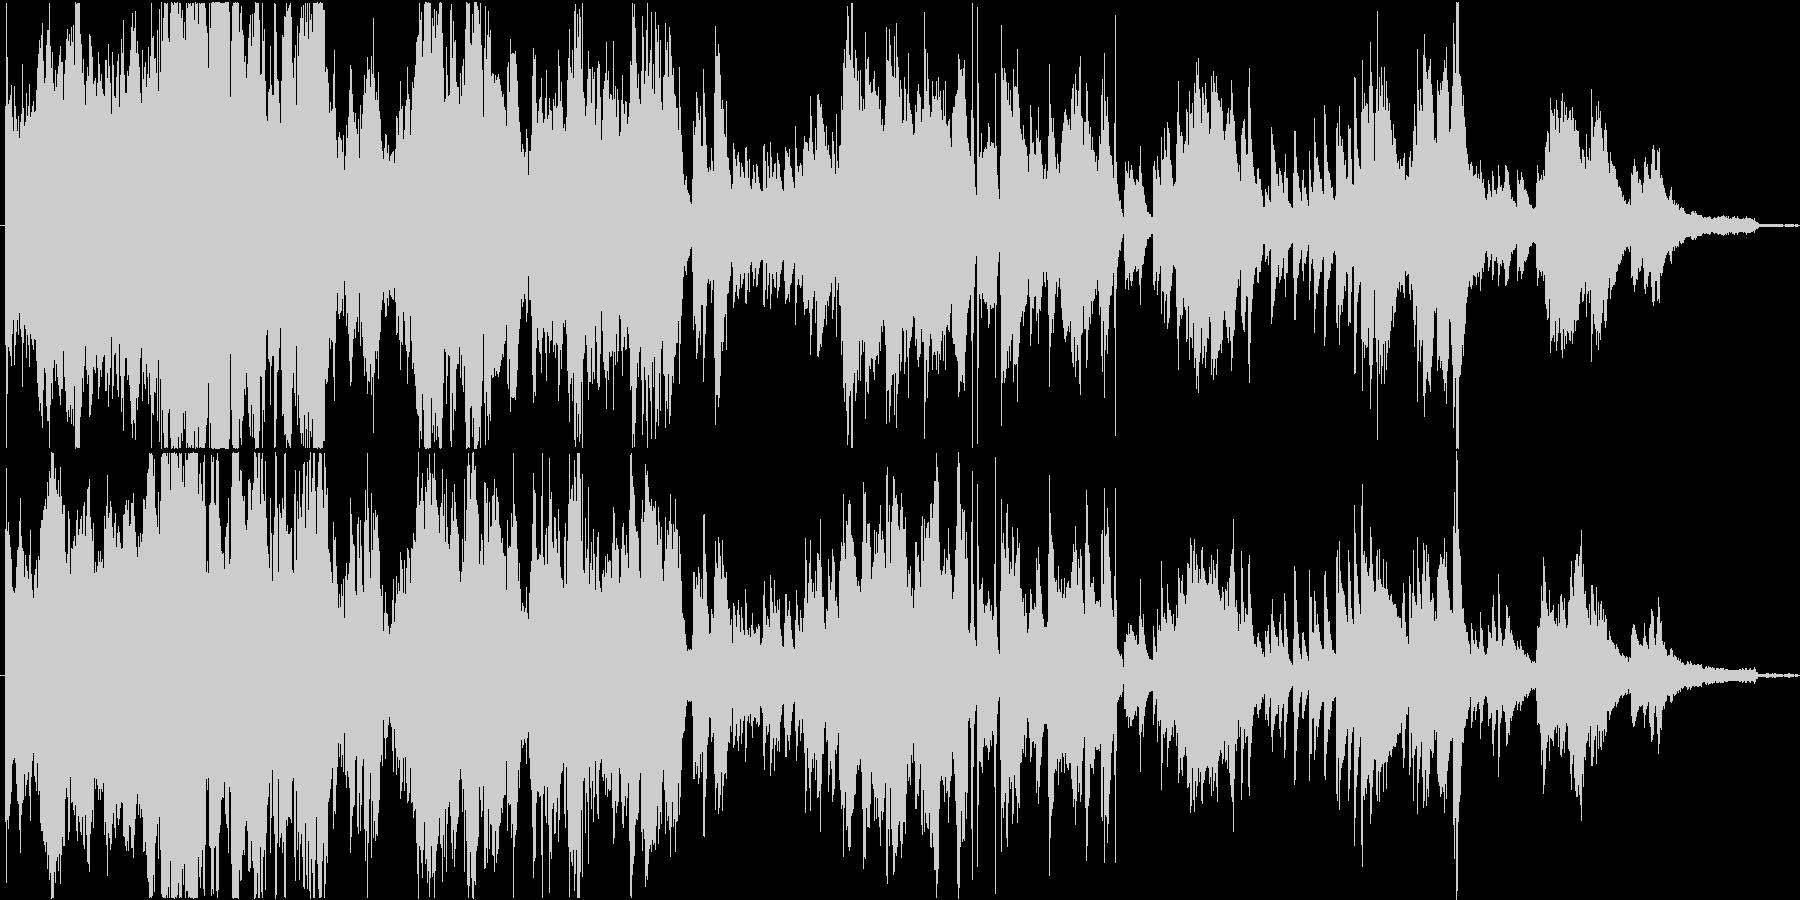 混沌の中に僅かな秩序のあるピアノ現代音楽の未再生の波形